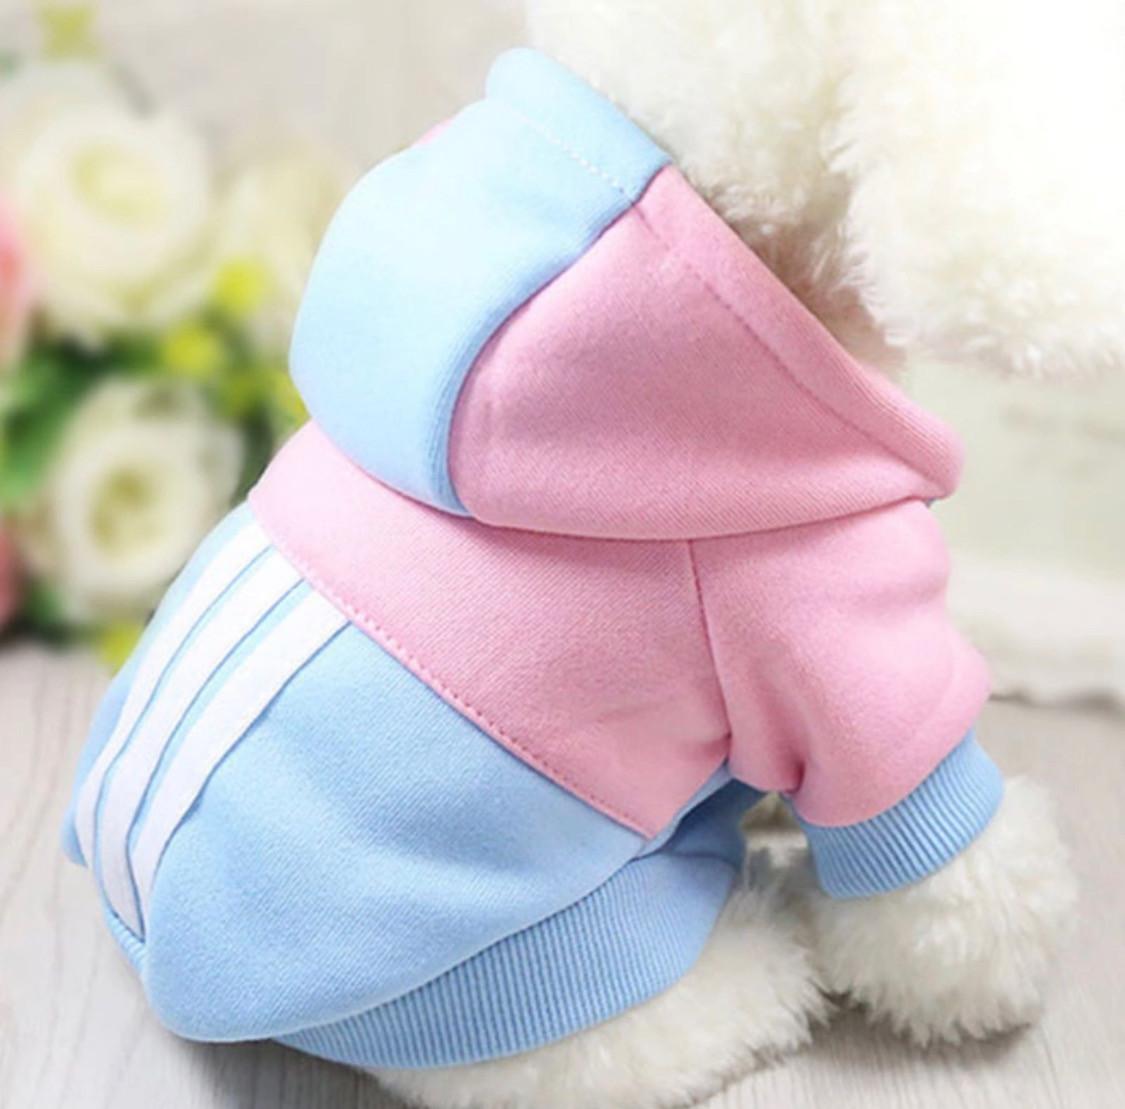 Одежда для собак зимняя мягкая толстовка одежда для чихуахуа теплая одежда для собак зимняя одежда для собак д